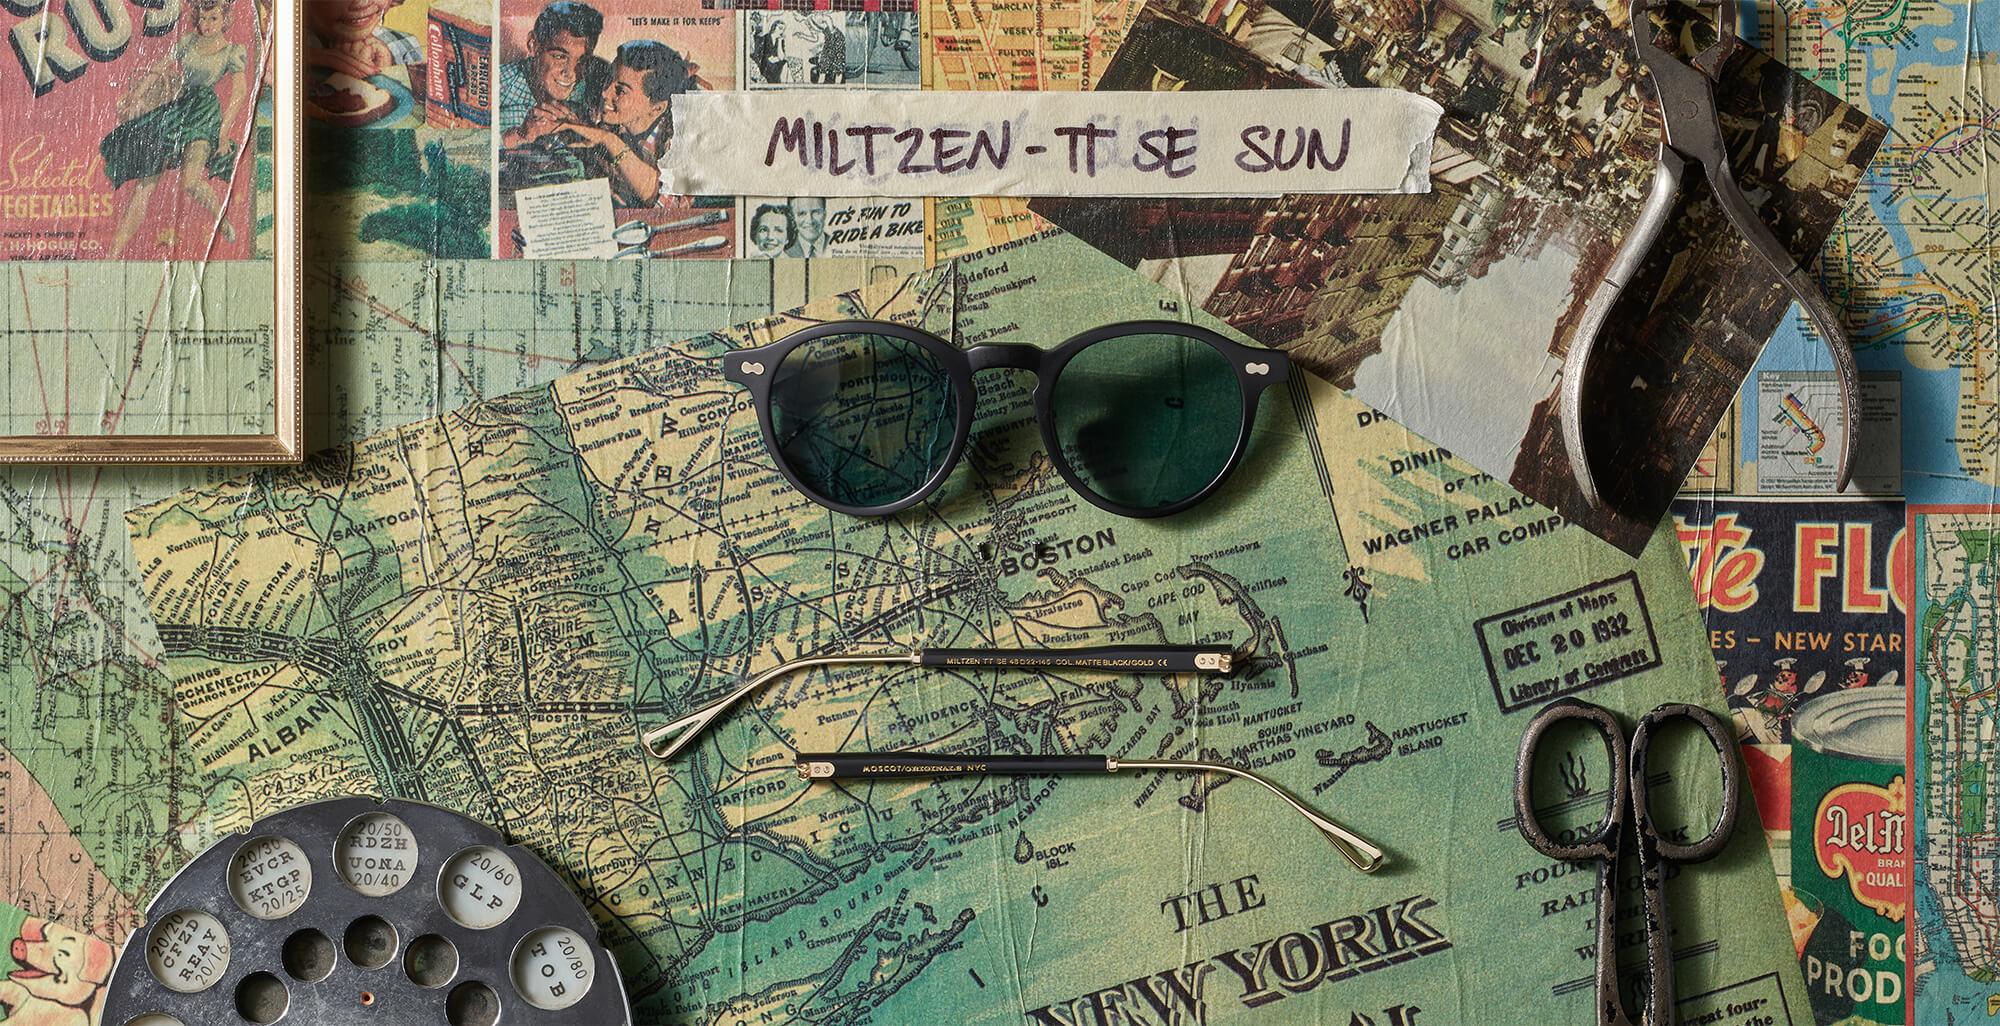 MILTZEN-TT SE SUN